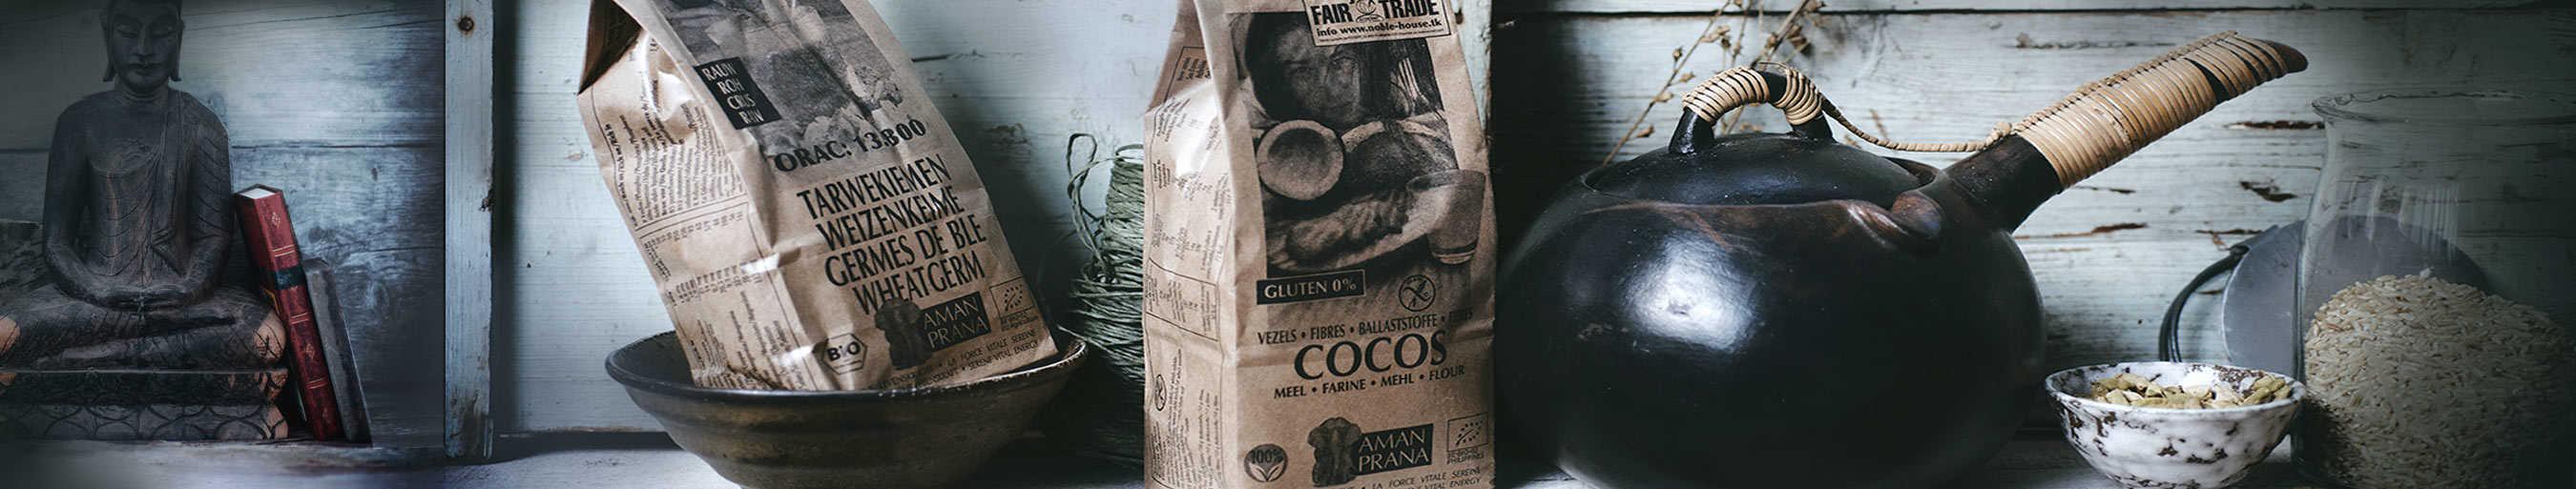 Amanprana biologische tarwekiemen en cocosmeel producten als sfeerfoto